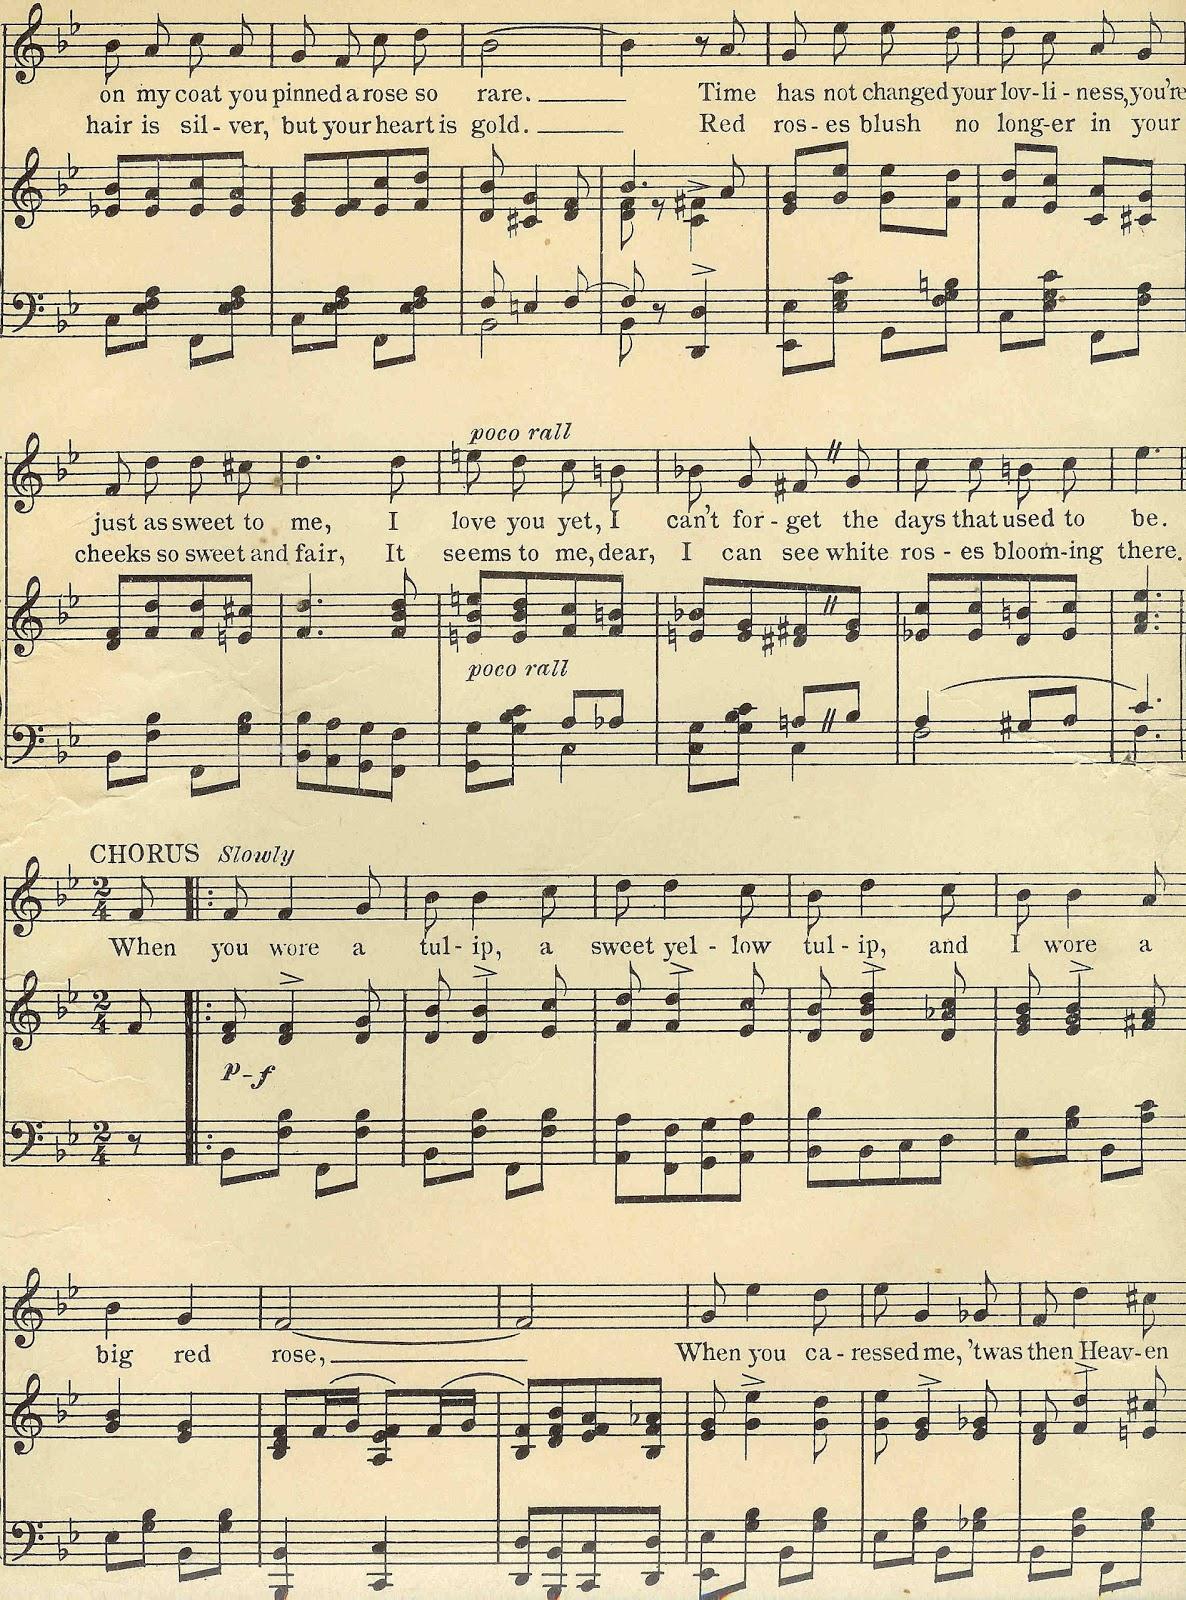 Antique Images Digital Background Of Sheet Music Vintage Sheet Music